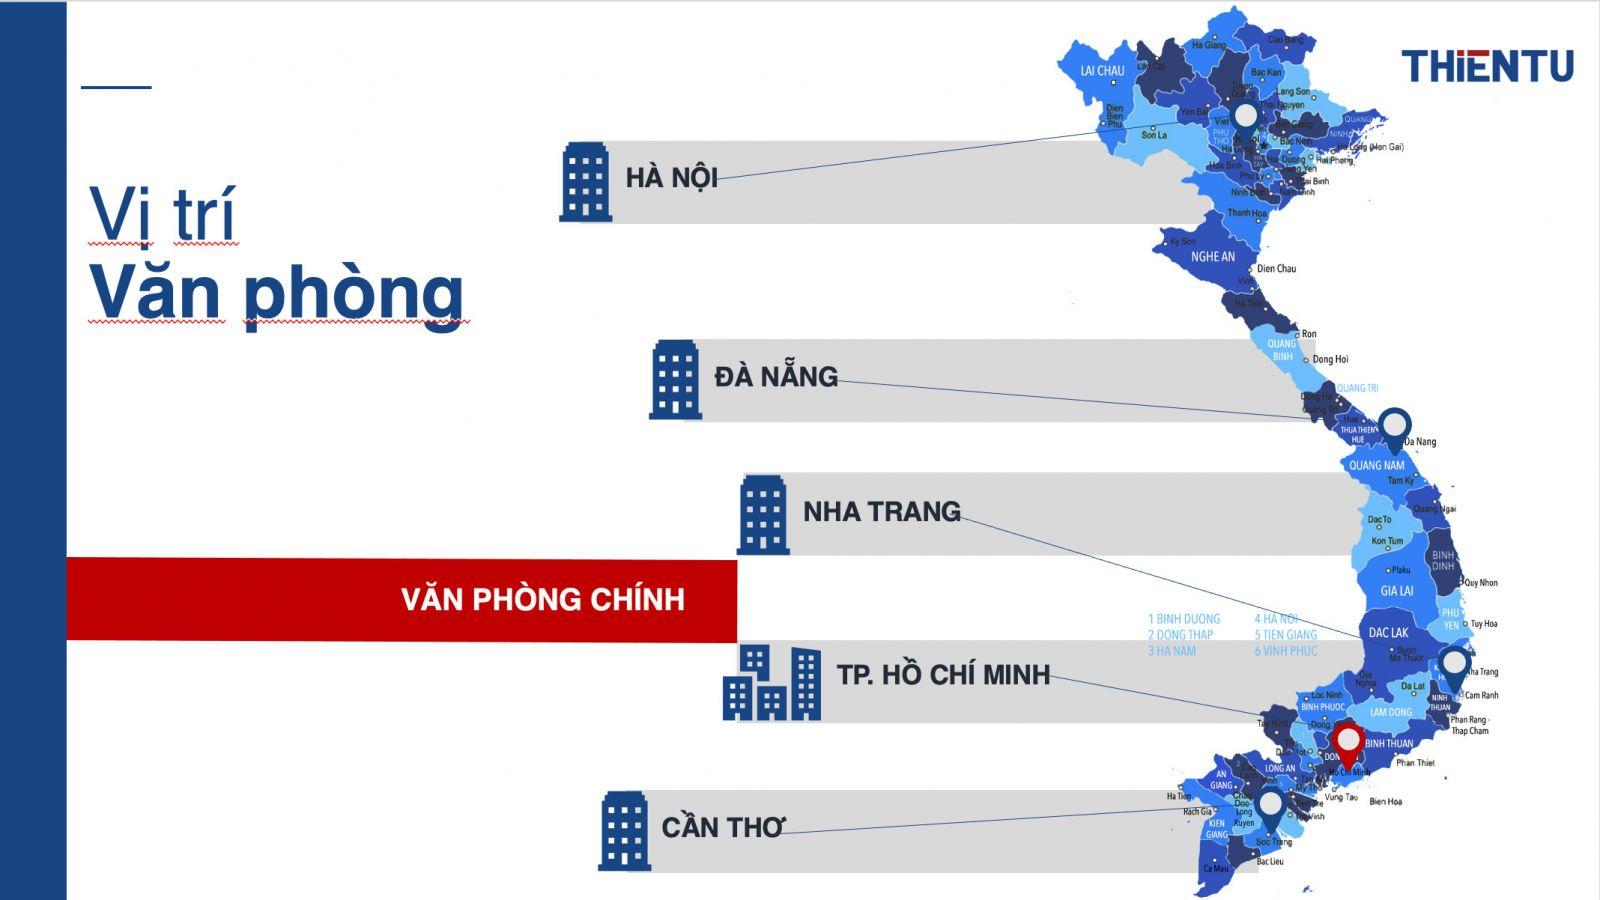 Thông tin chi nhánh văn phòng đại diện của công ty Thiên Tú